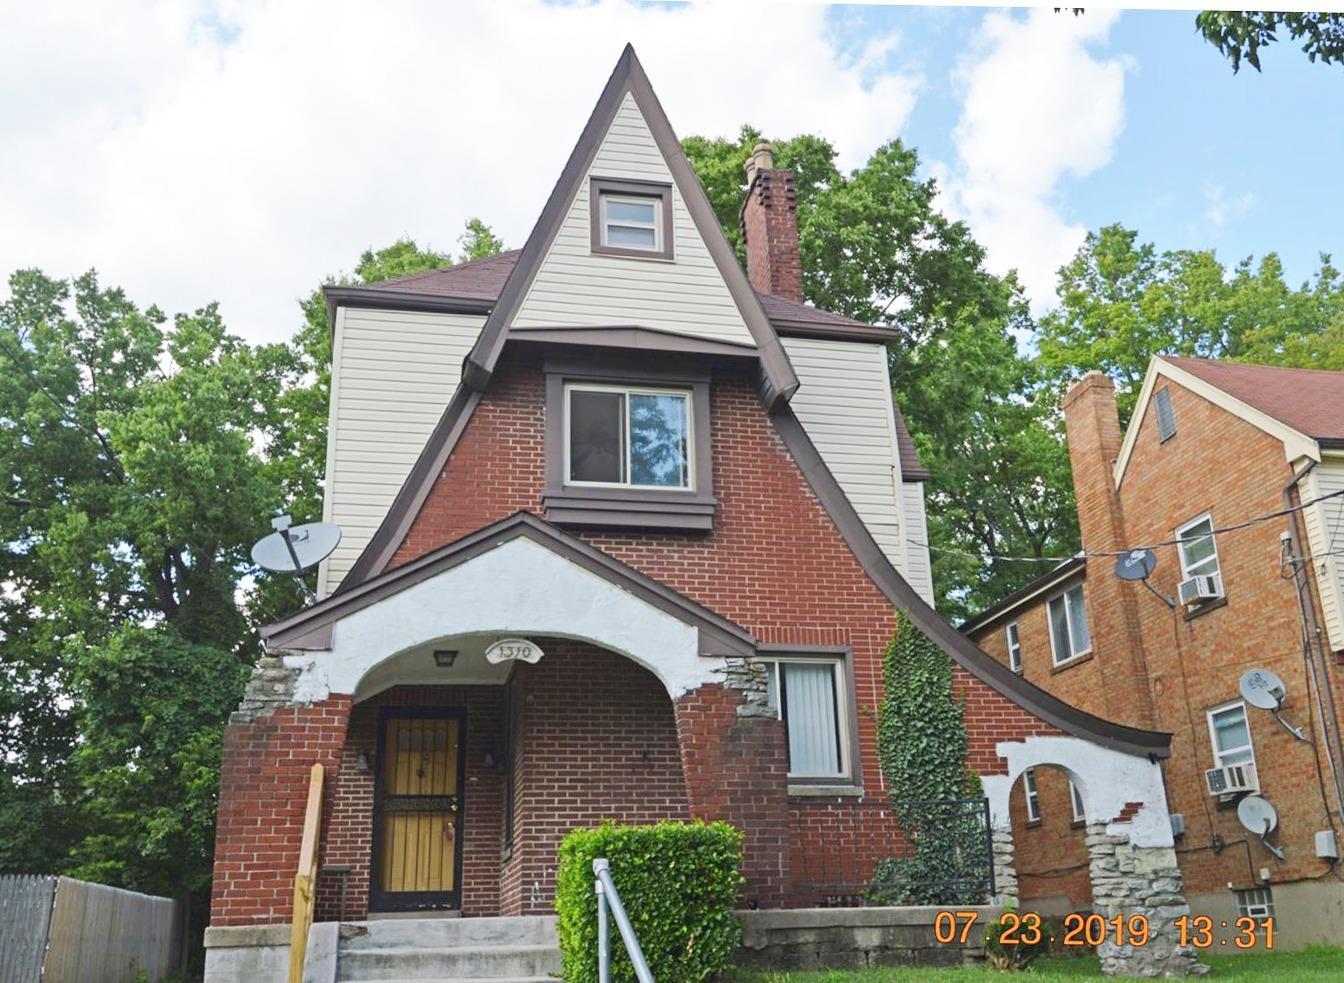 1310 Franklin Ave Cincinnati OH